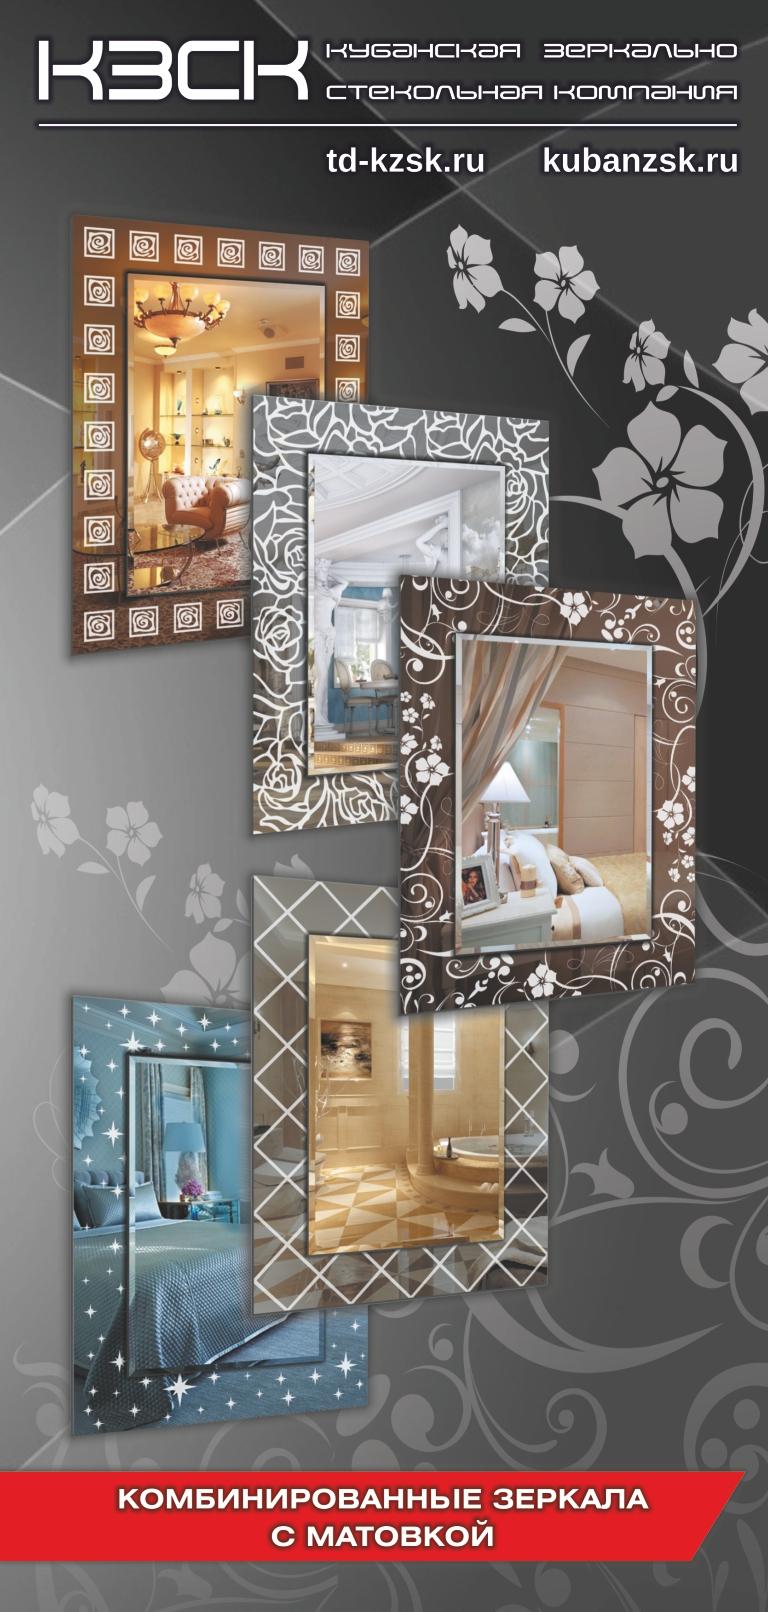 Каталог комбинированных зеркал с матовкой-1